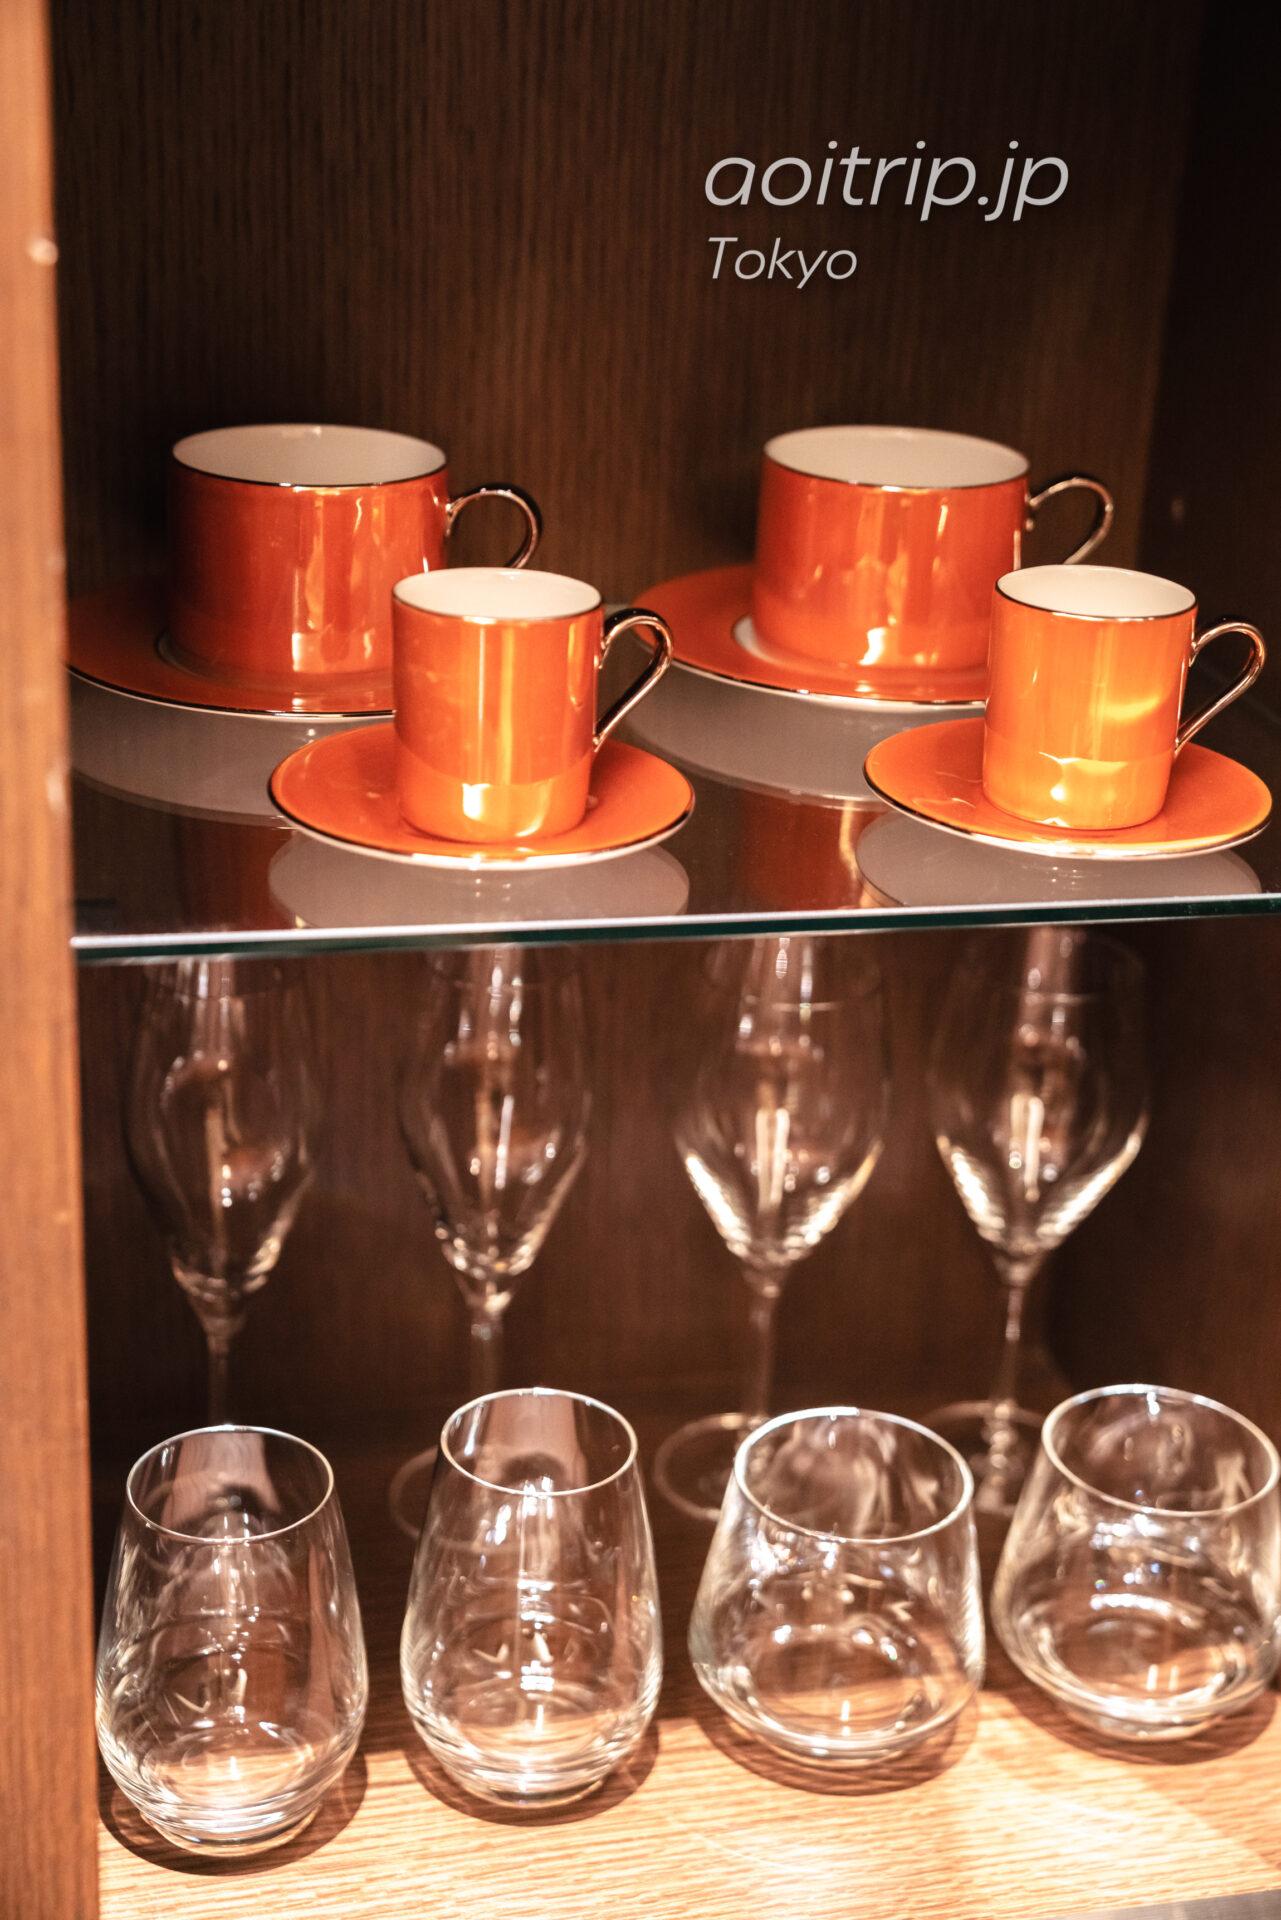 ザ プリンスギャラリー 東京紀尾井町の客室 グランドデラックス プレミア キング Grand Deluxe Premier King コーヒーカップ